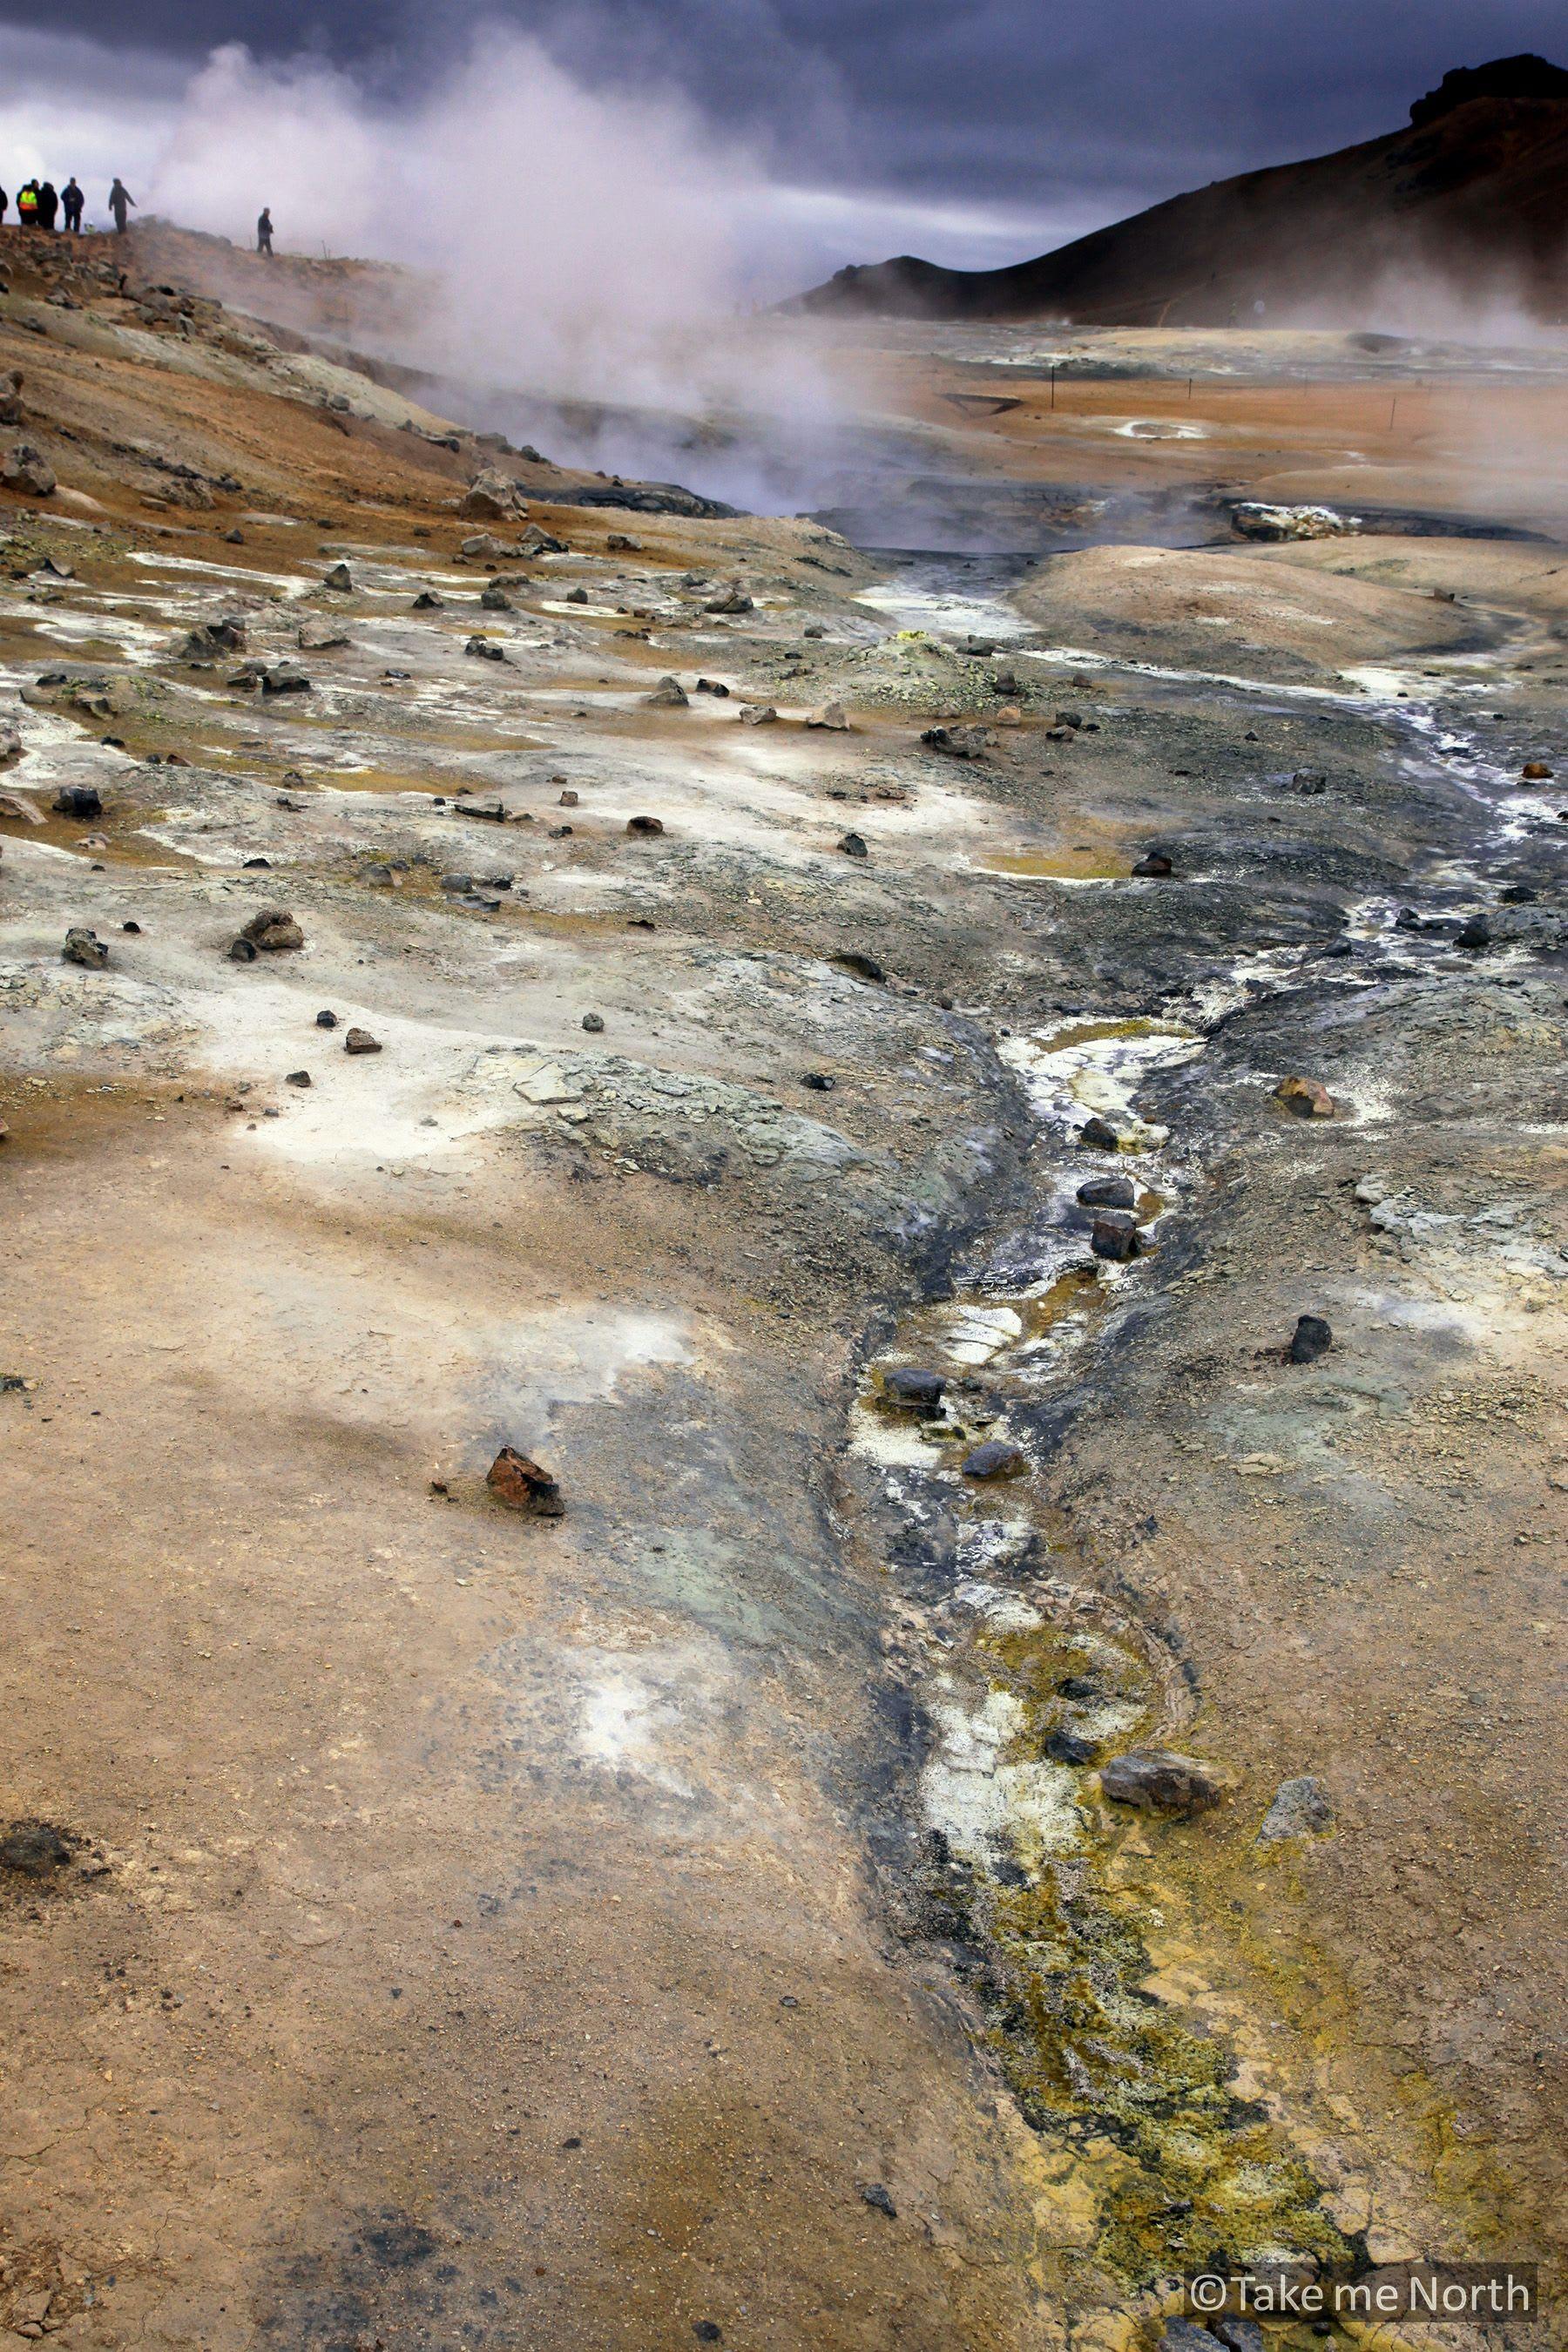 Mineral deposits at Hverir, Krafla